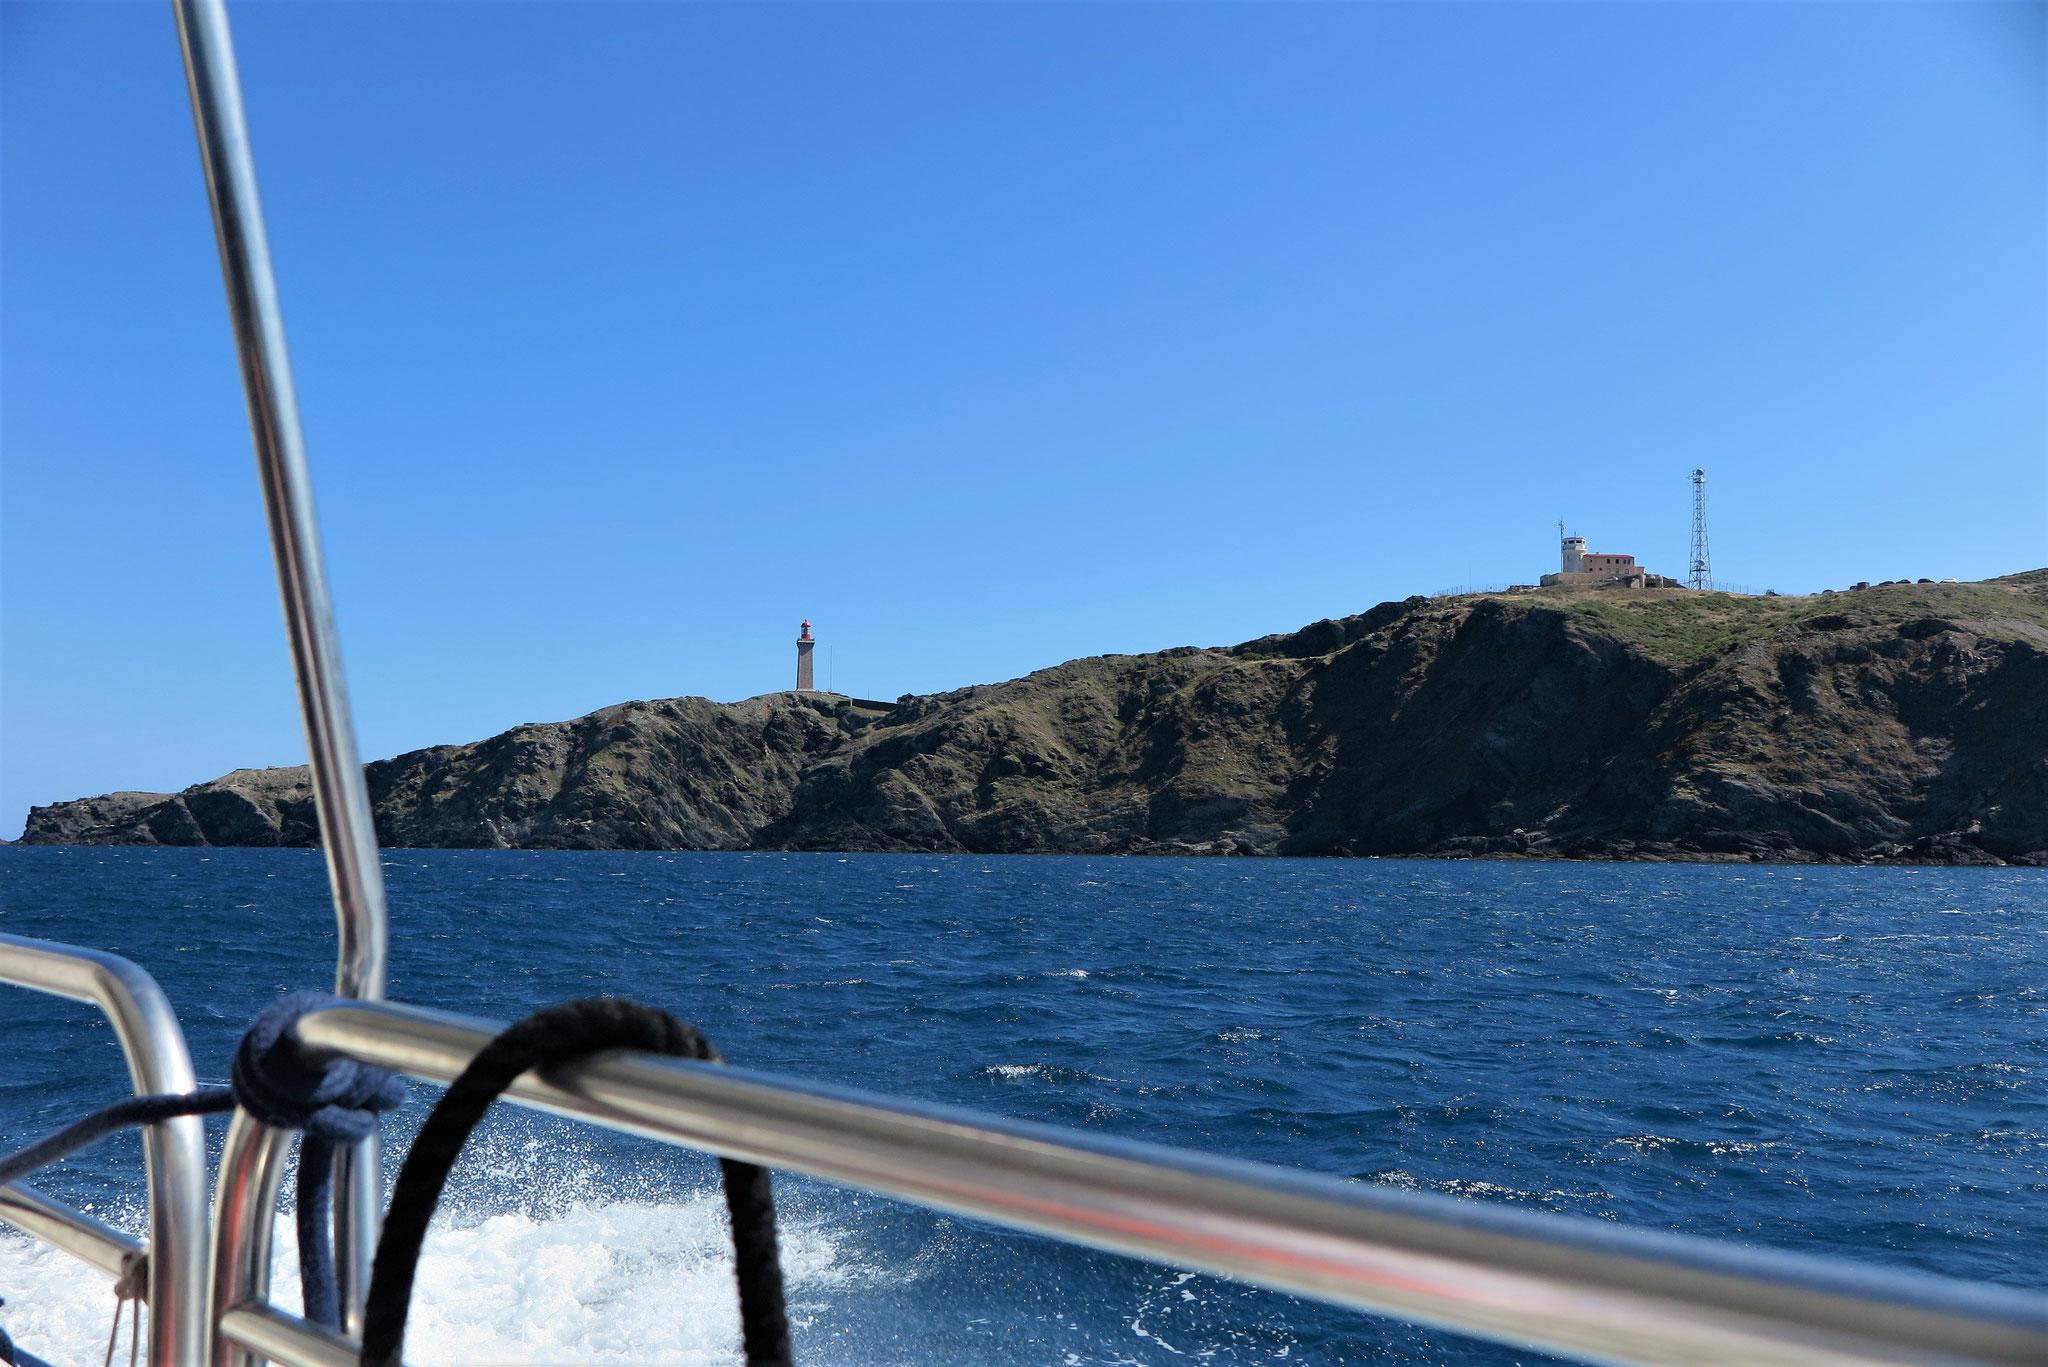 Noch einmal Ausflug auf dem Meer, aber ohne Sturm bei schönstem Sonnenschein.